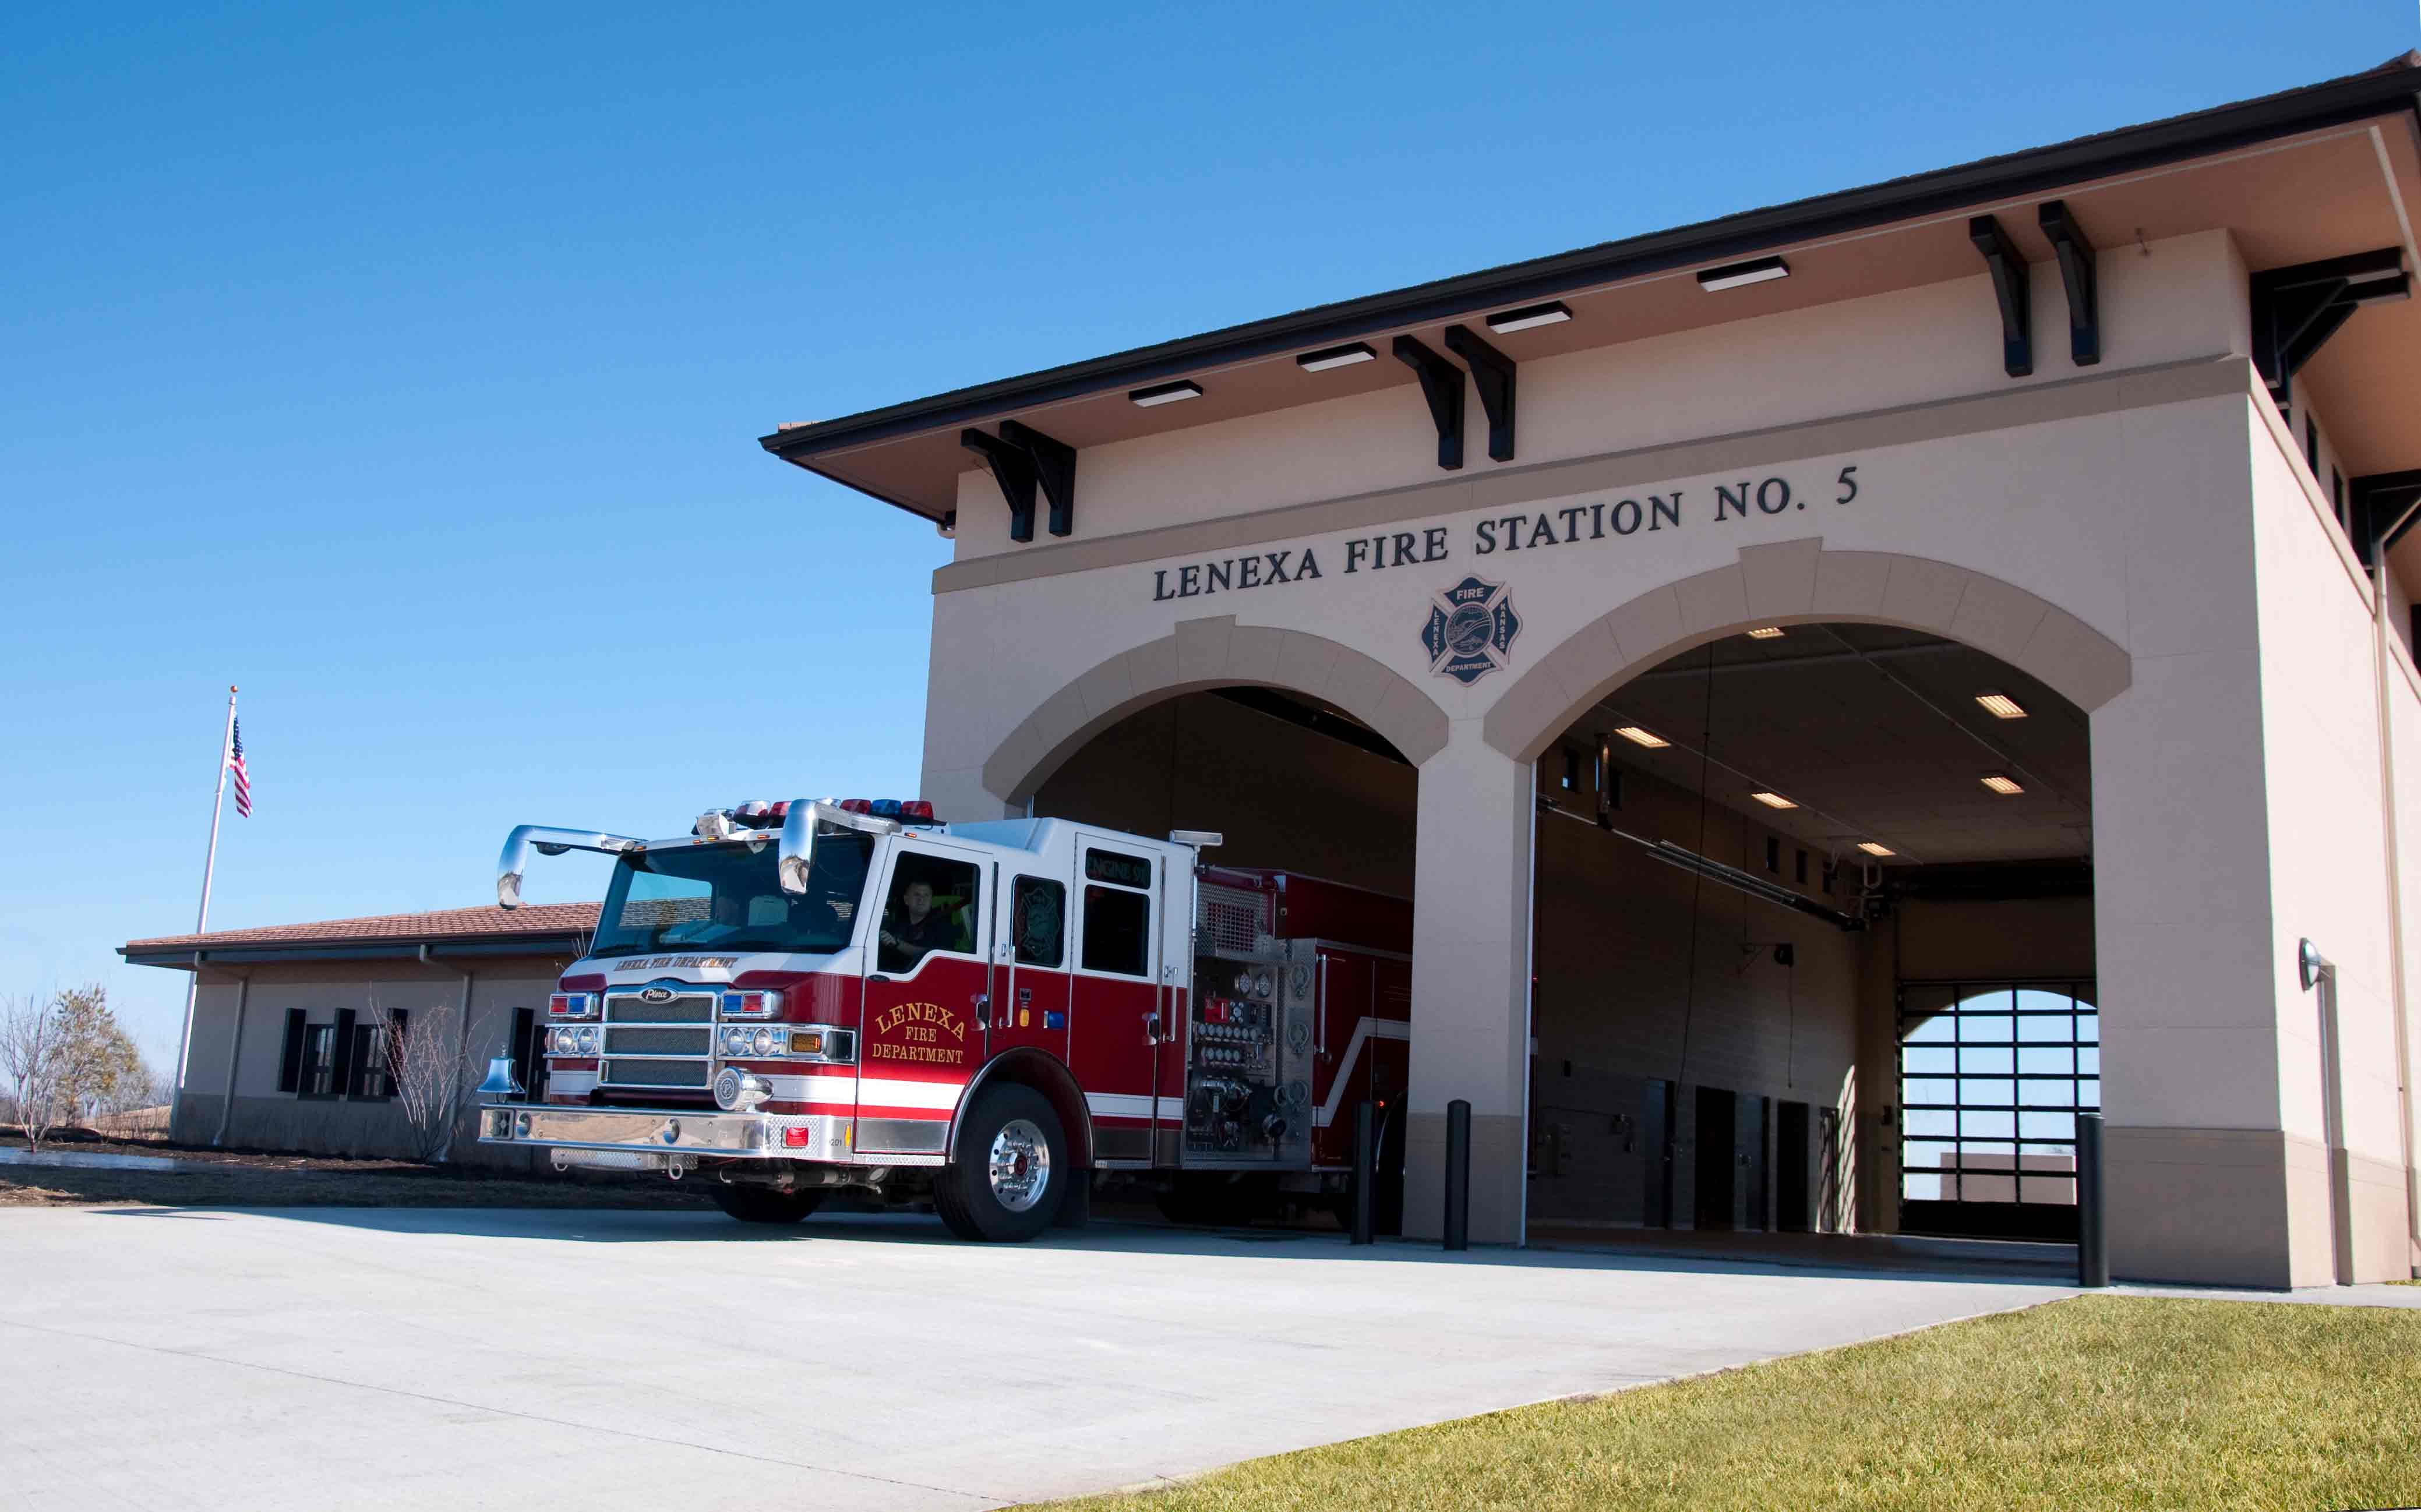 Lenexa Fire Station No.5